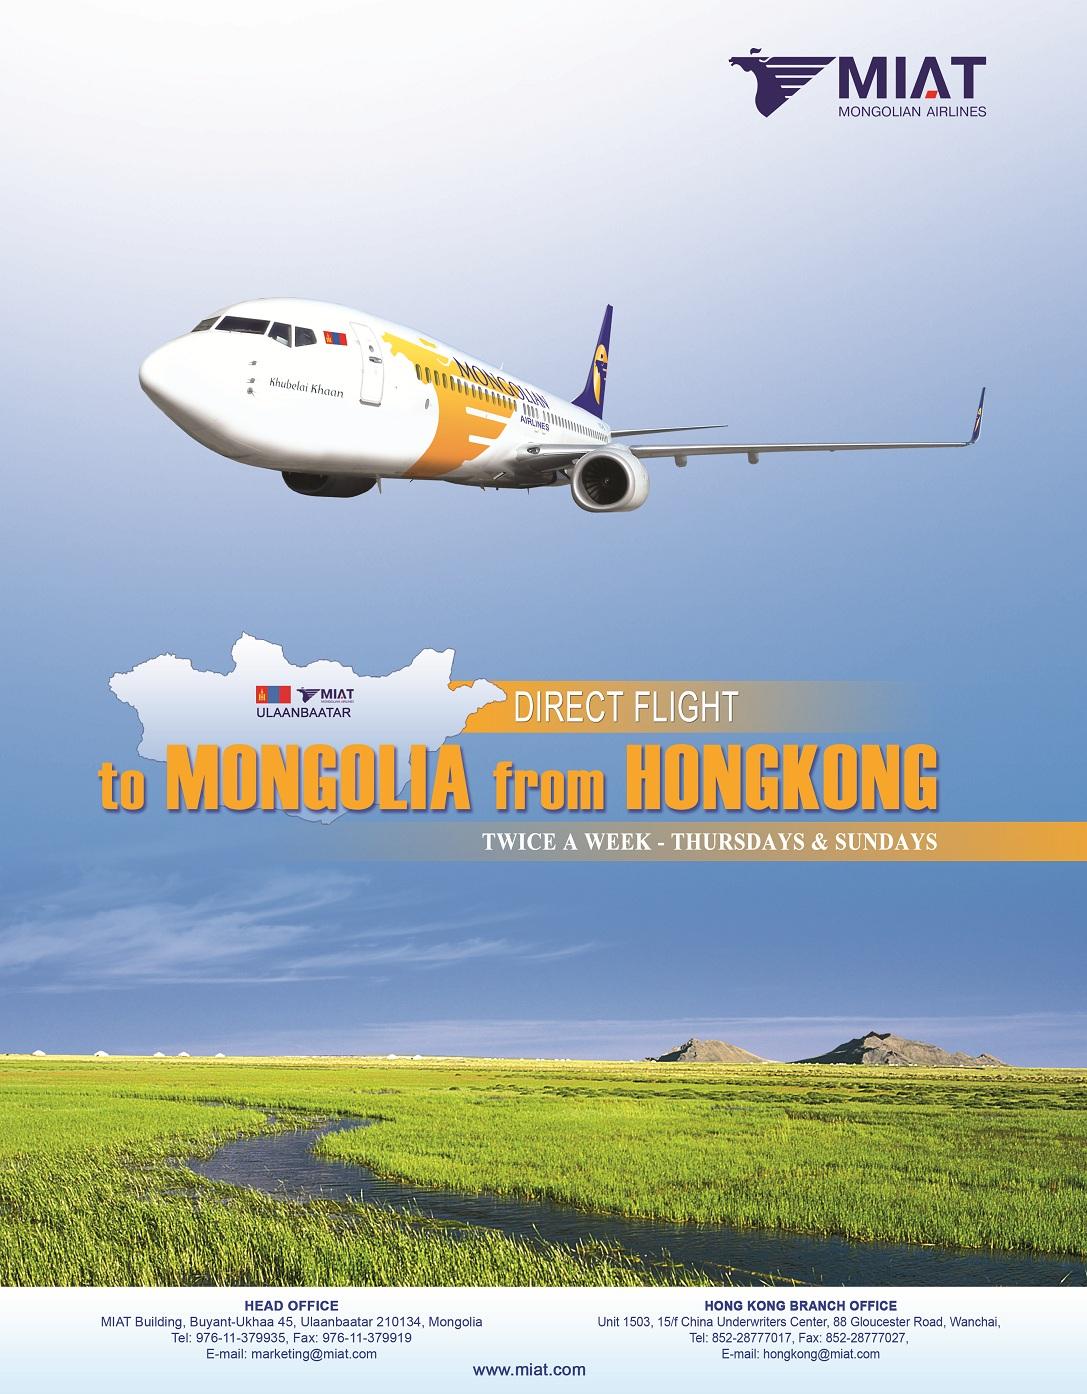 蒙古民用航空